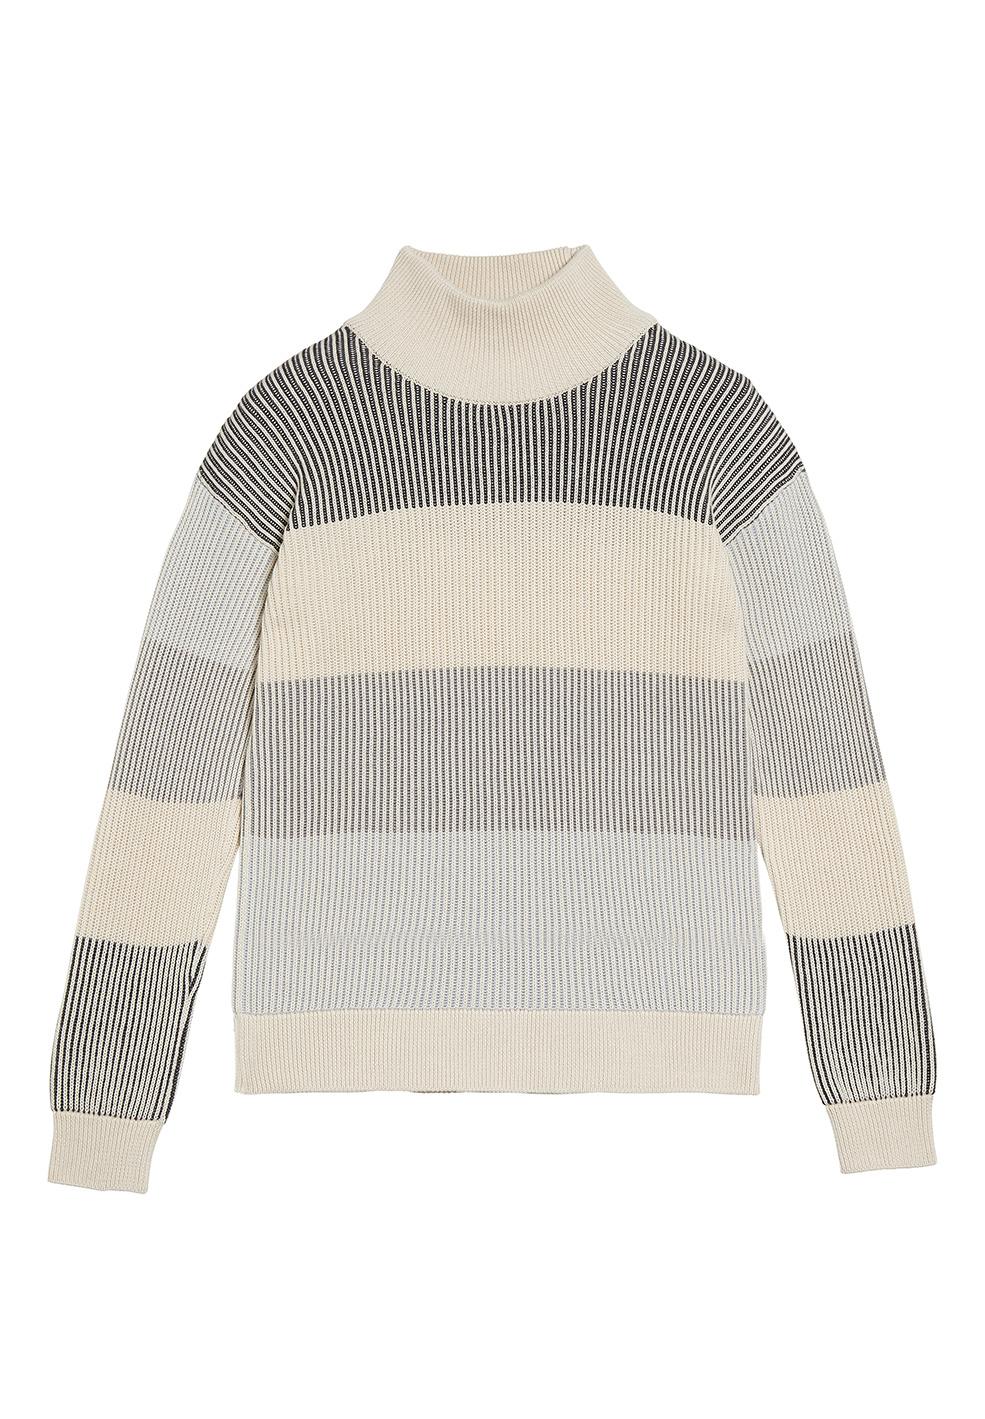 armedangels-haarpa-sweater-2